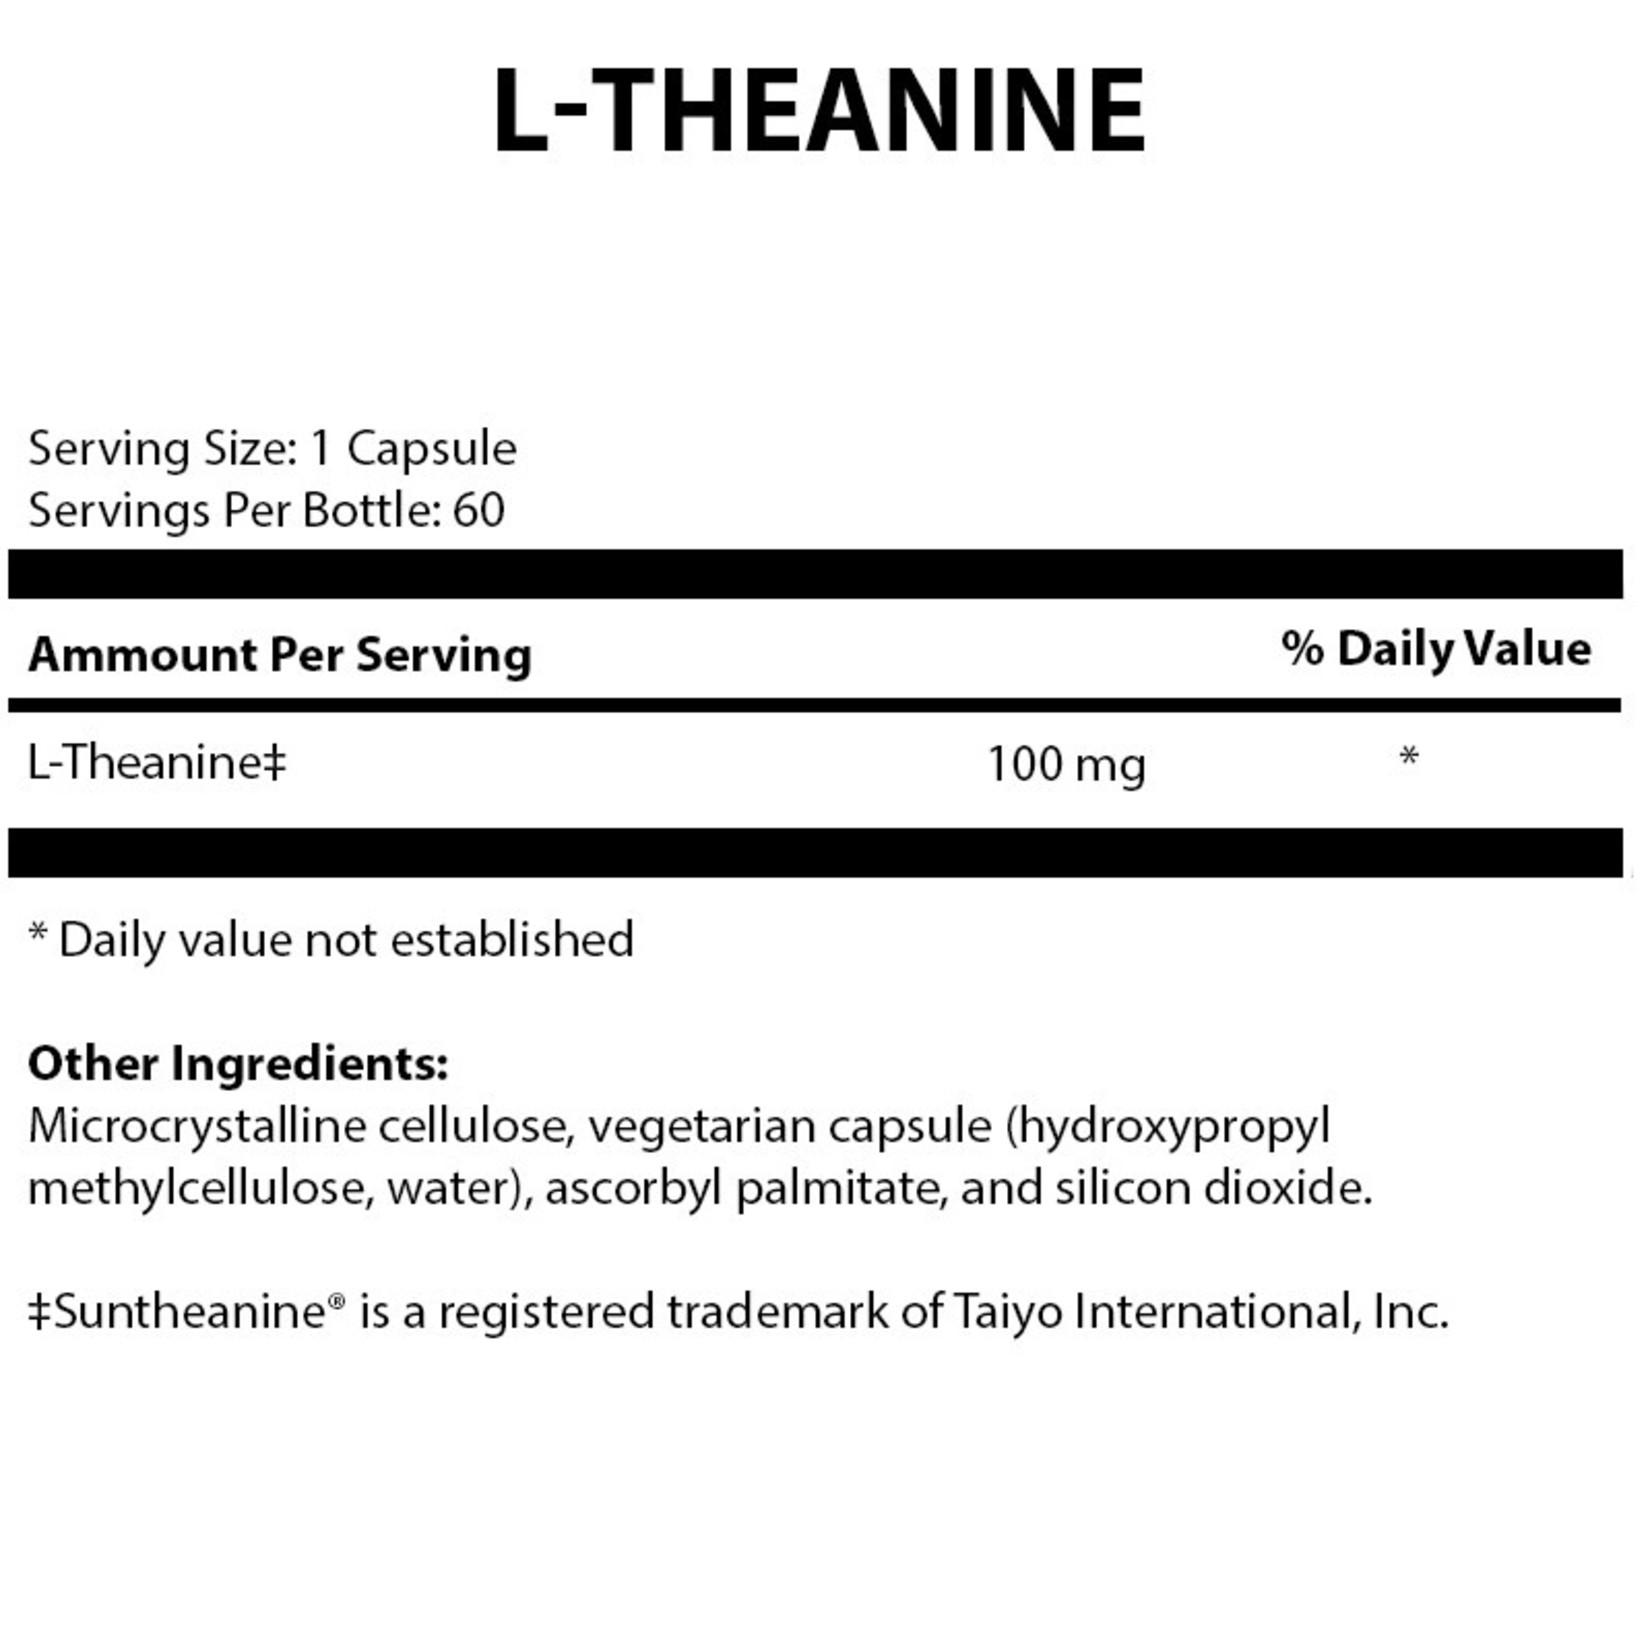 Alpine Clinic Private Label L-Theanine